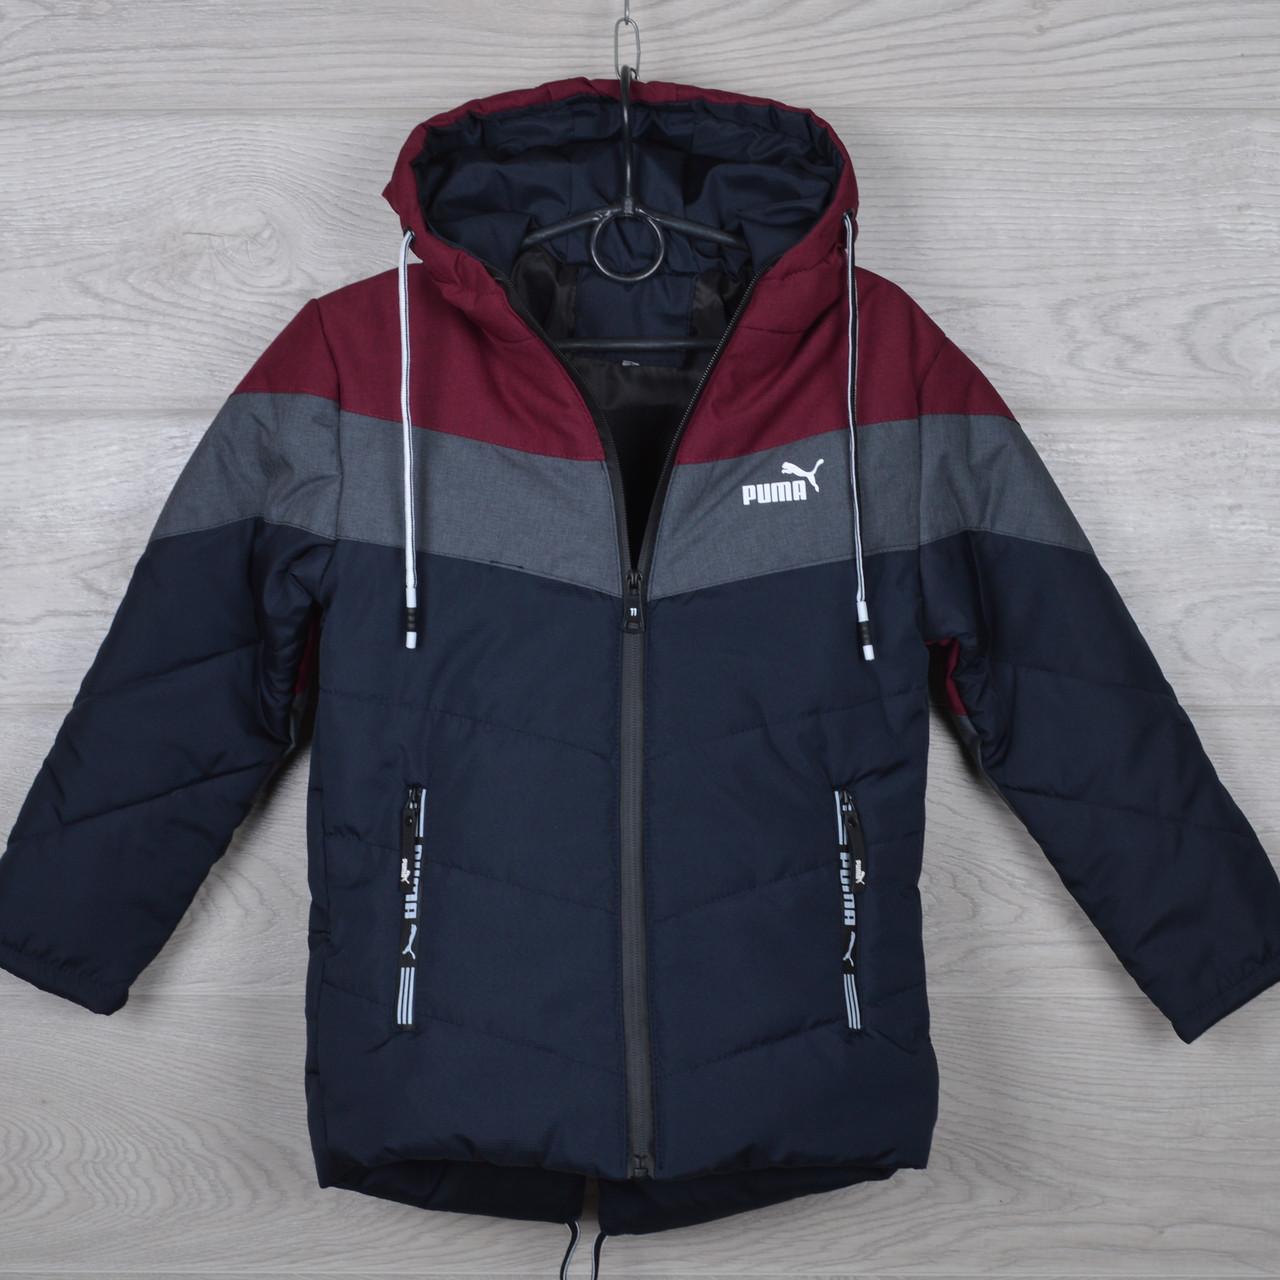 """Куртка детская демисезонная """"Puma реплика"""" 5-6-7-8-9 лет (110-134 см). Темно-синяя+бордо. Оптом."""